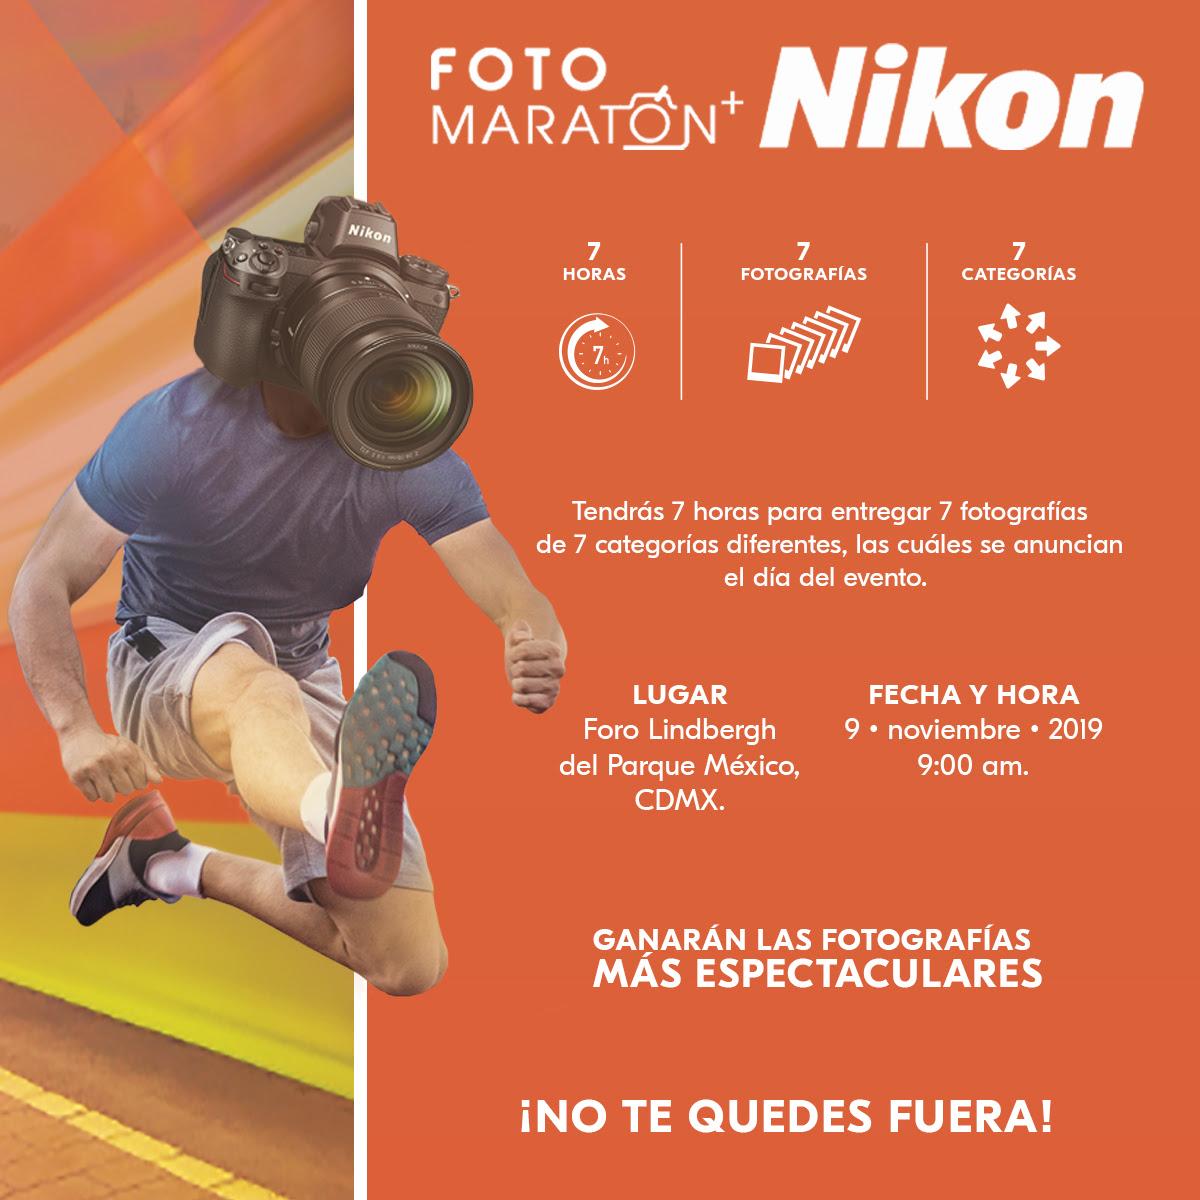 Invitación Fotomaratón+Nikon